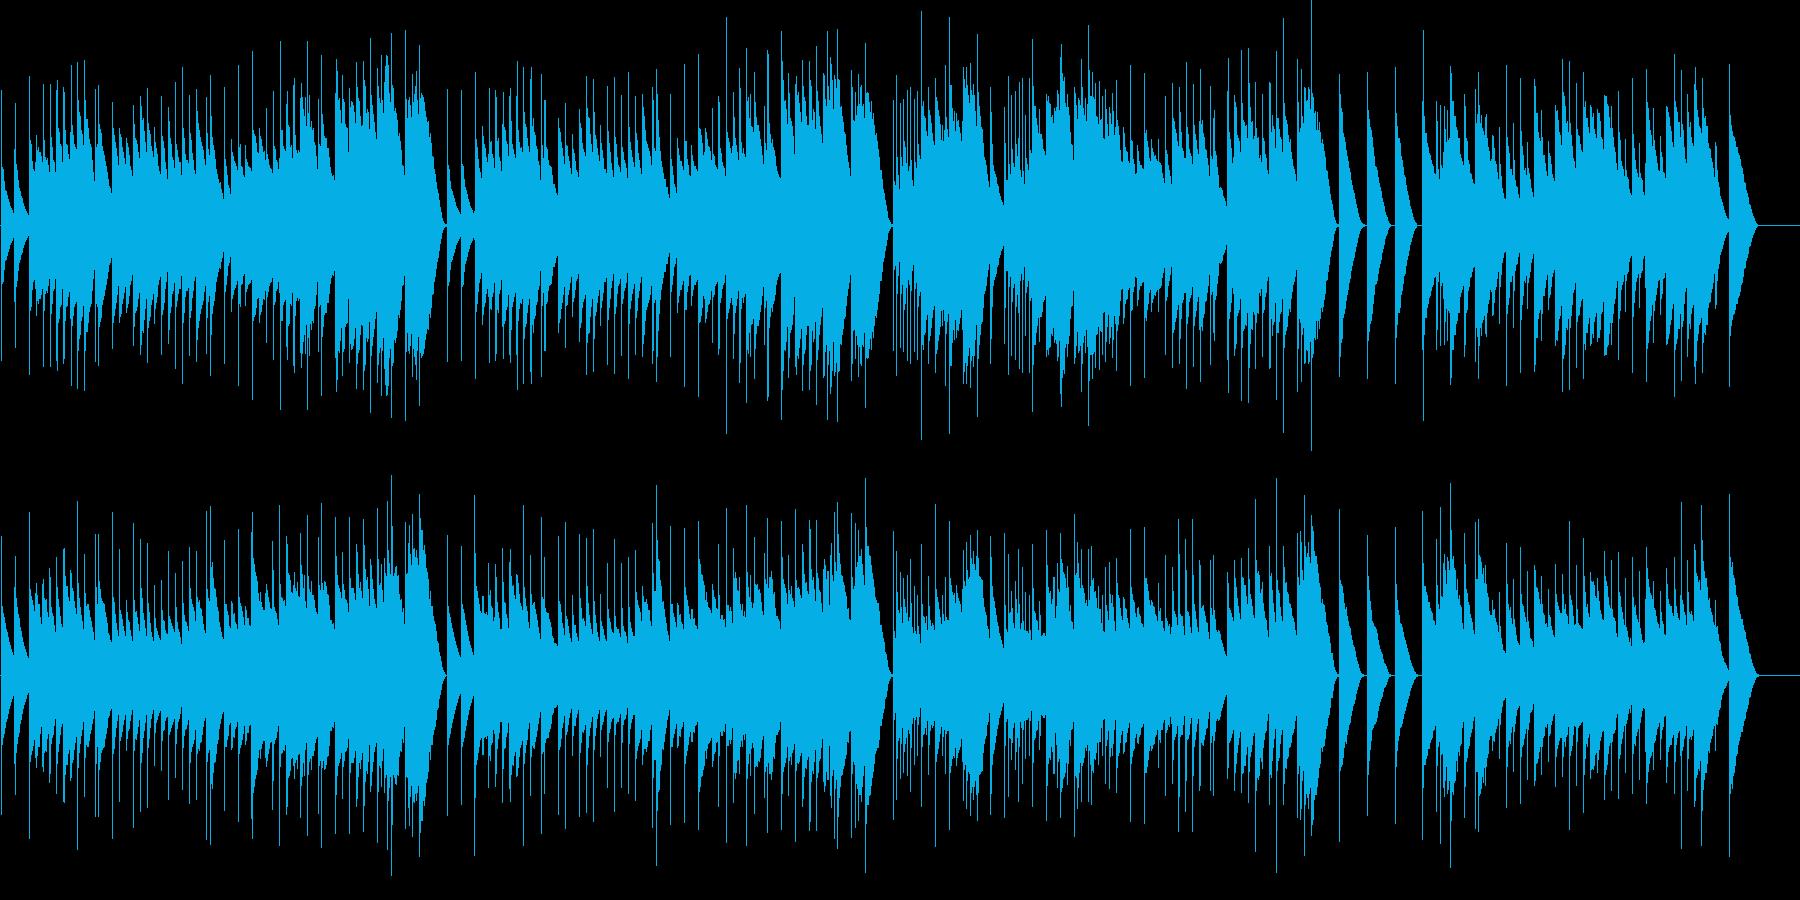 アイネクライネ 第2楽章 (オルゴール)の再生済みの波形